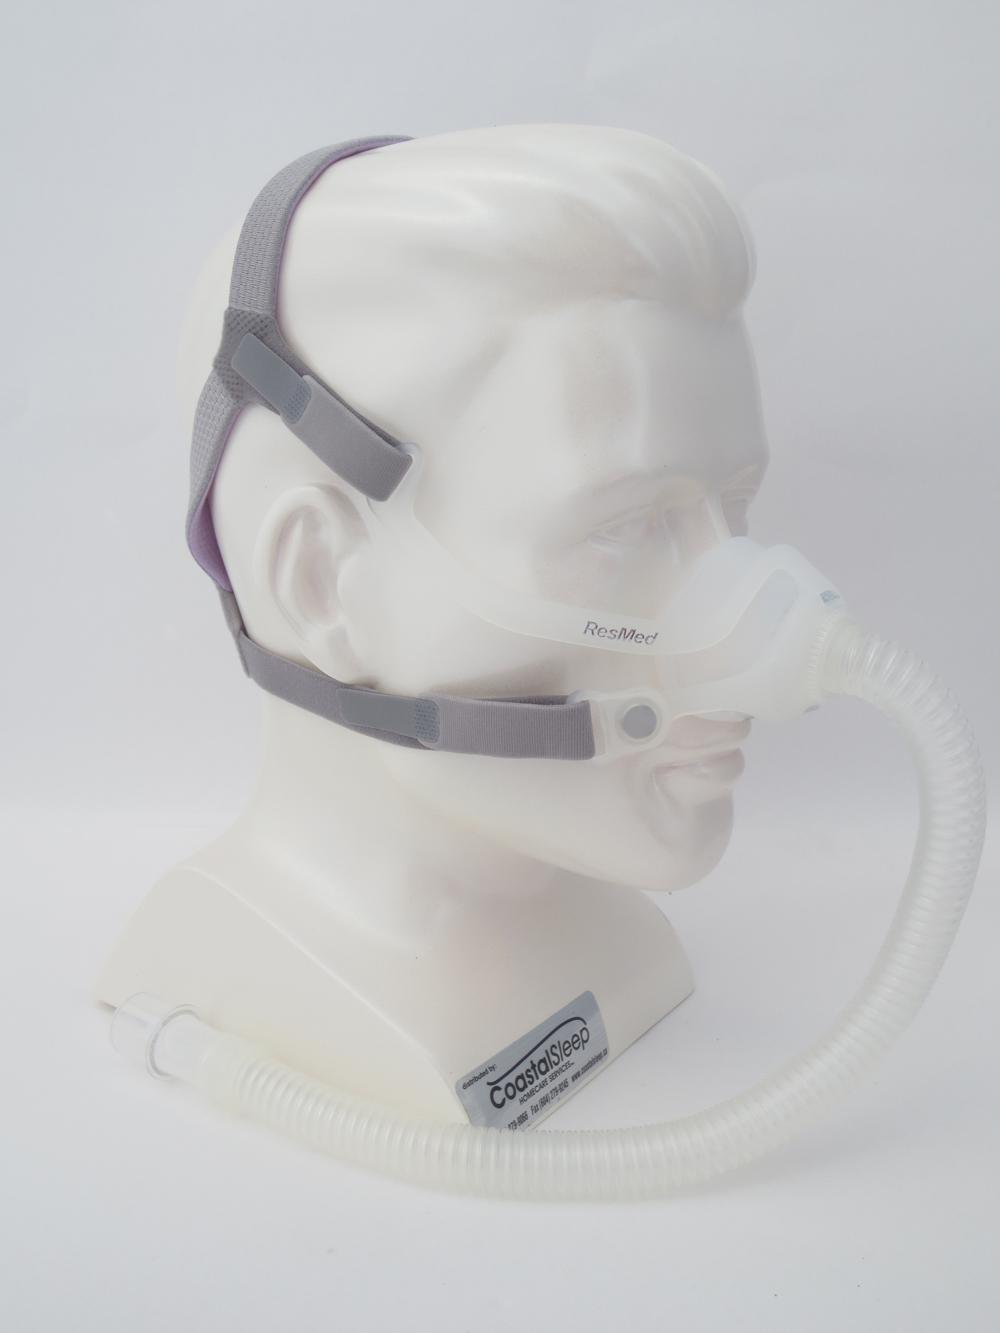 Airfit N10 For Her Nasal Cpap Mask Resmed Coastal Sleep